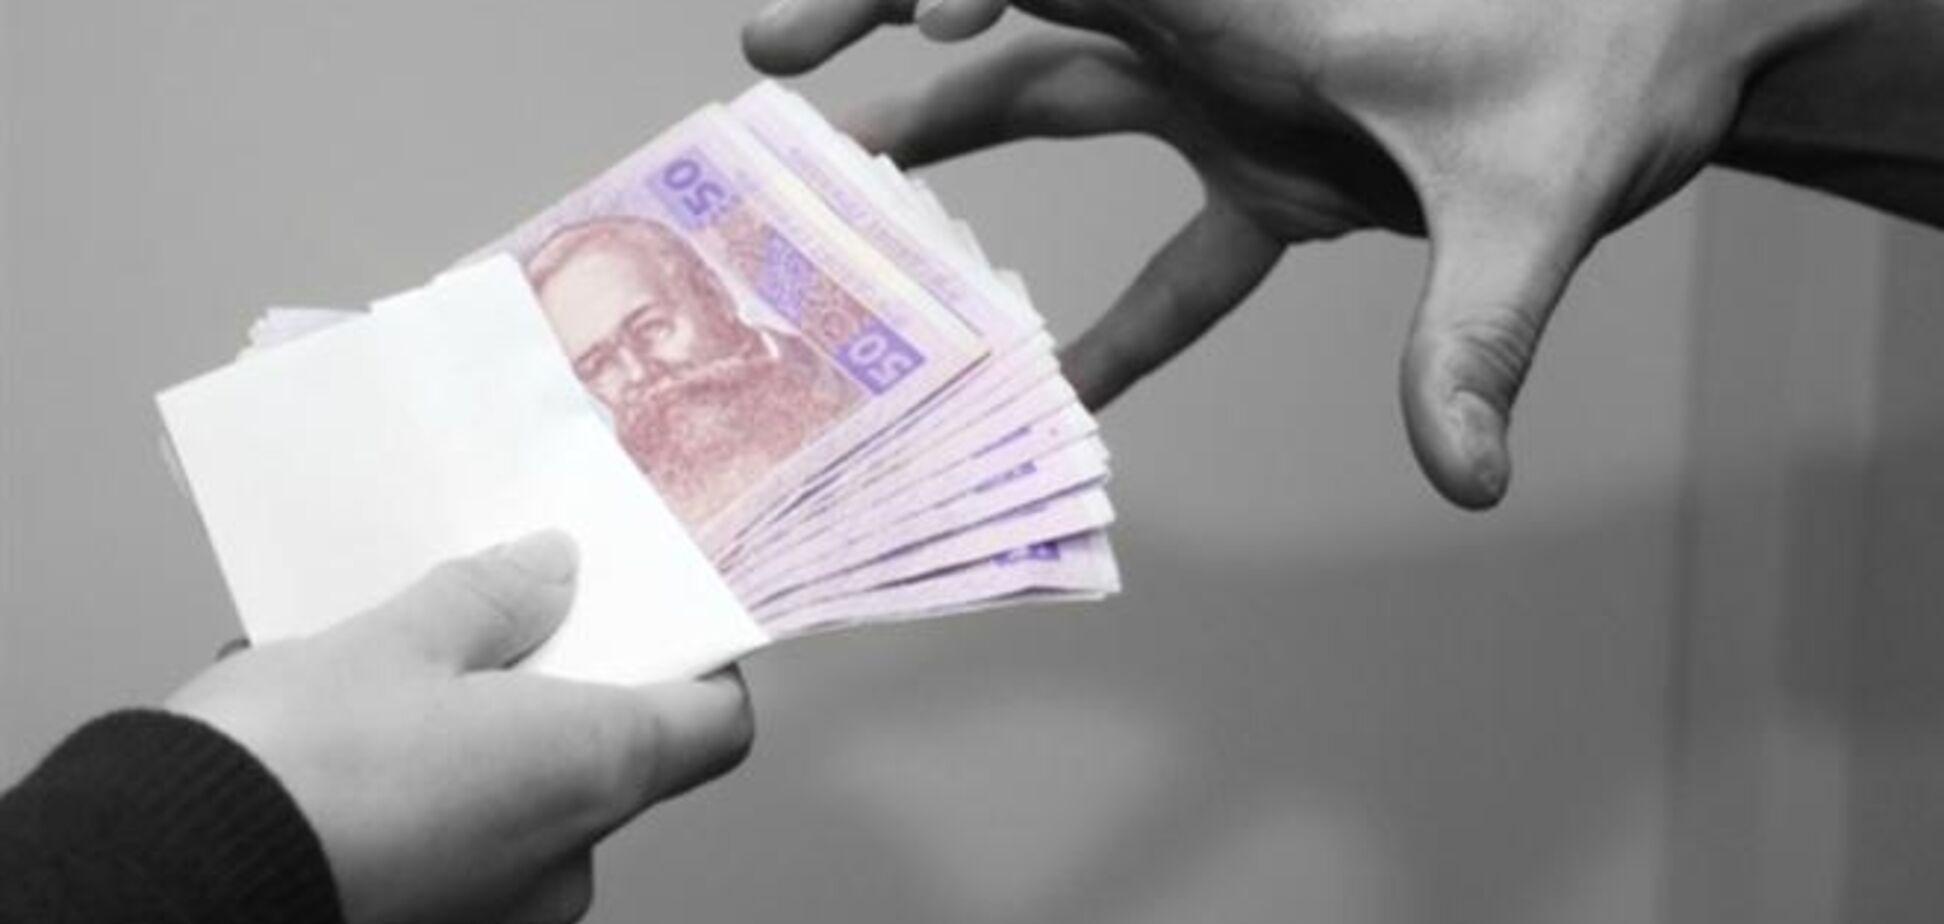 Замначальника налоговой в Донбассе попался на взятке в 60 тыс. грн